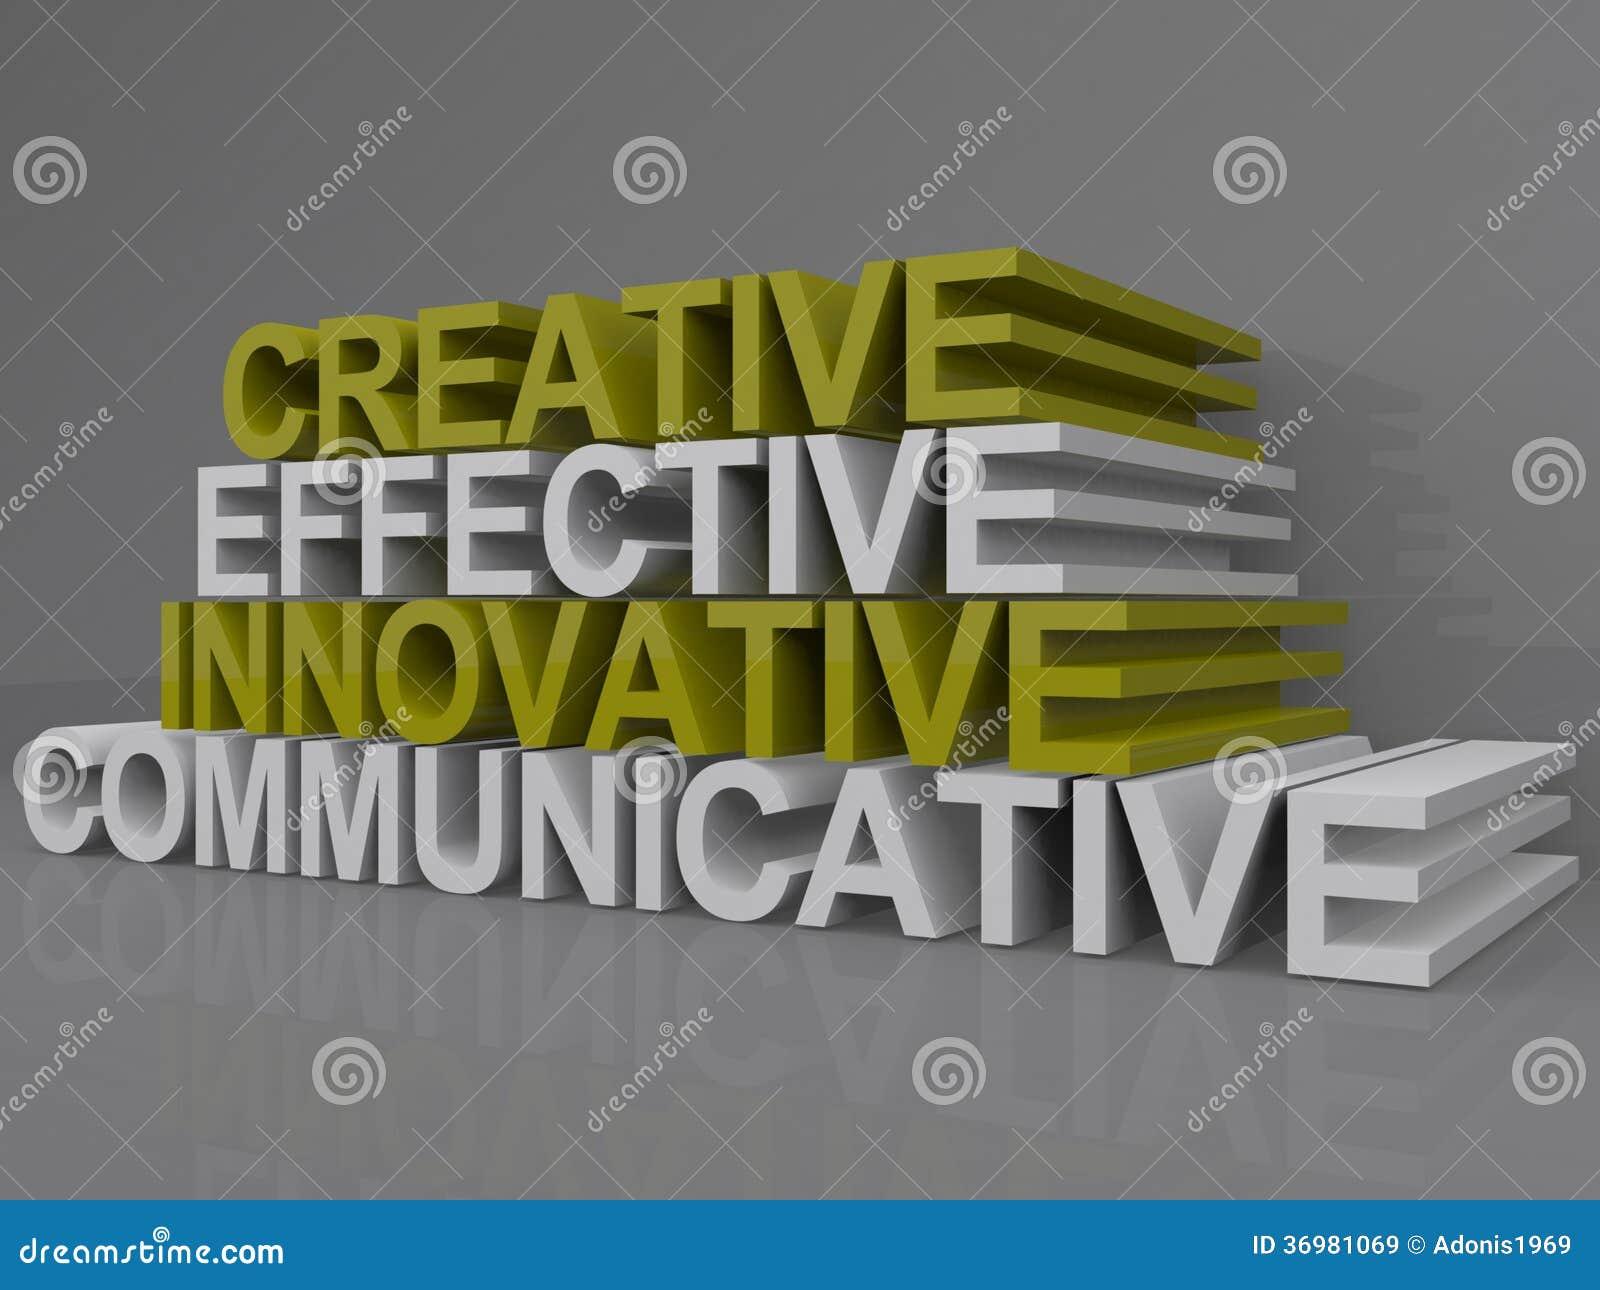 Communicatif innovateur efficace créatif